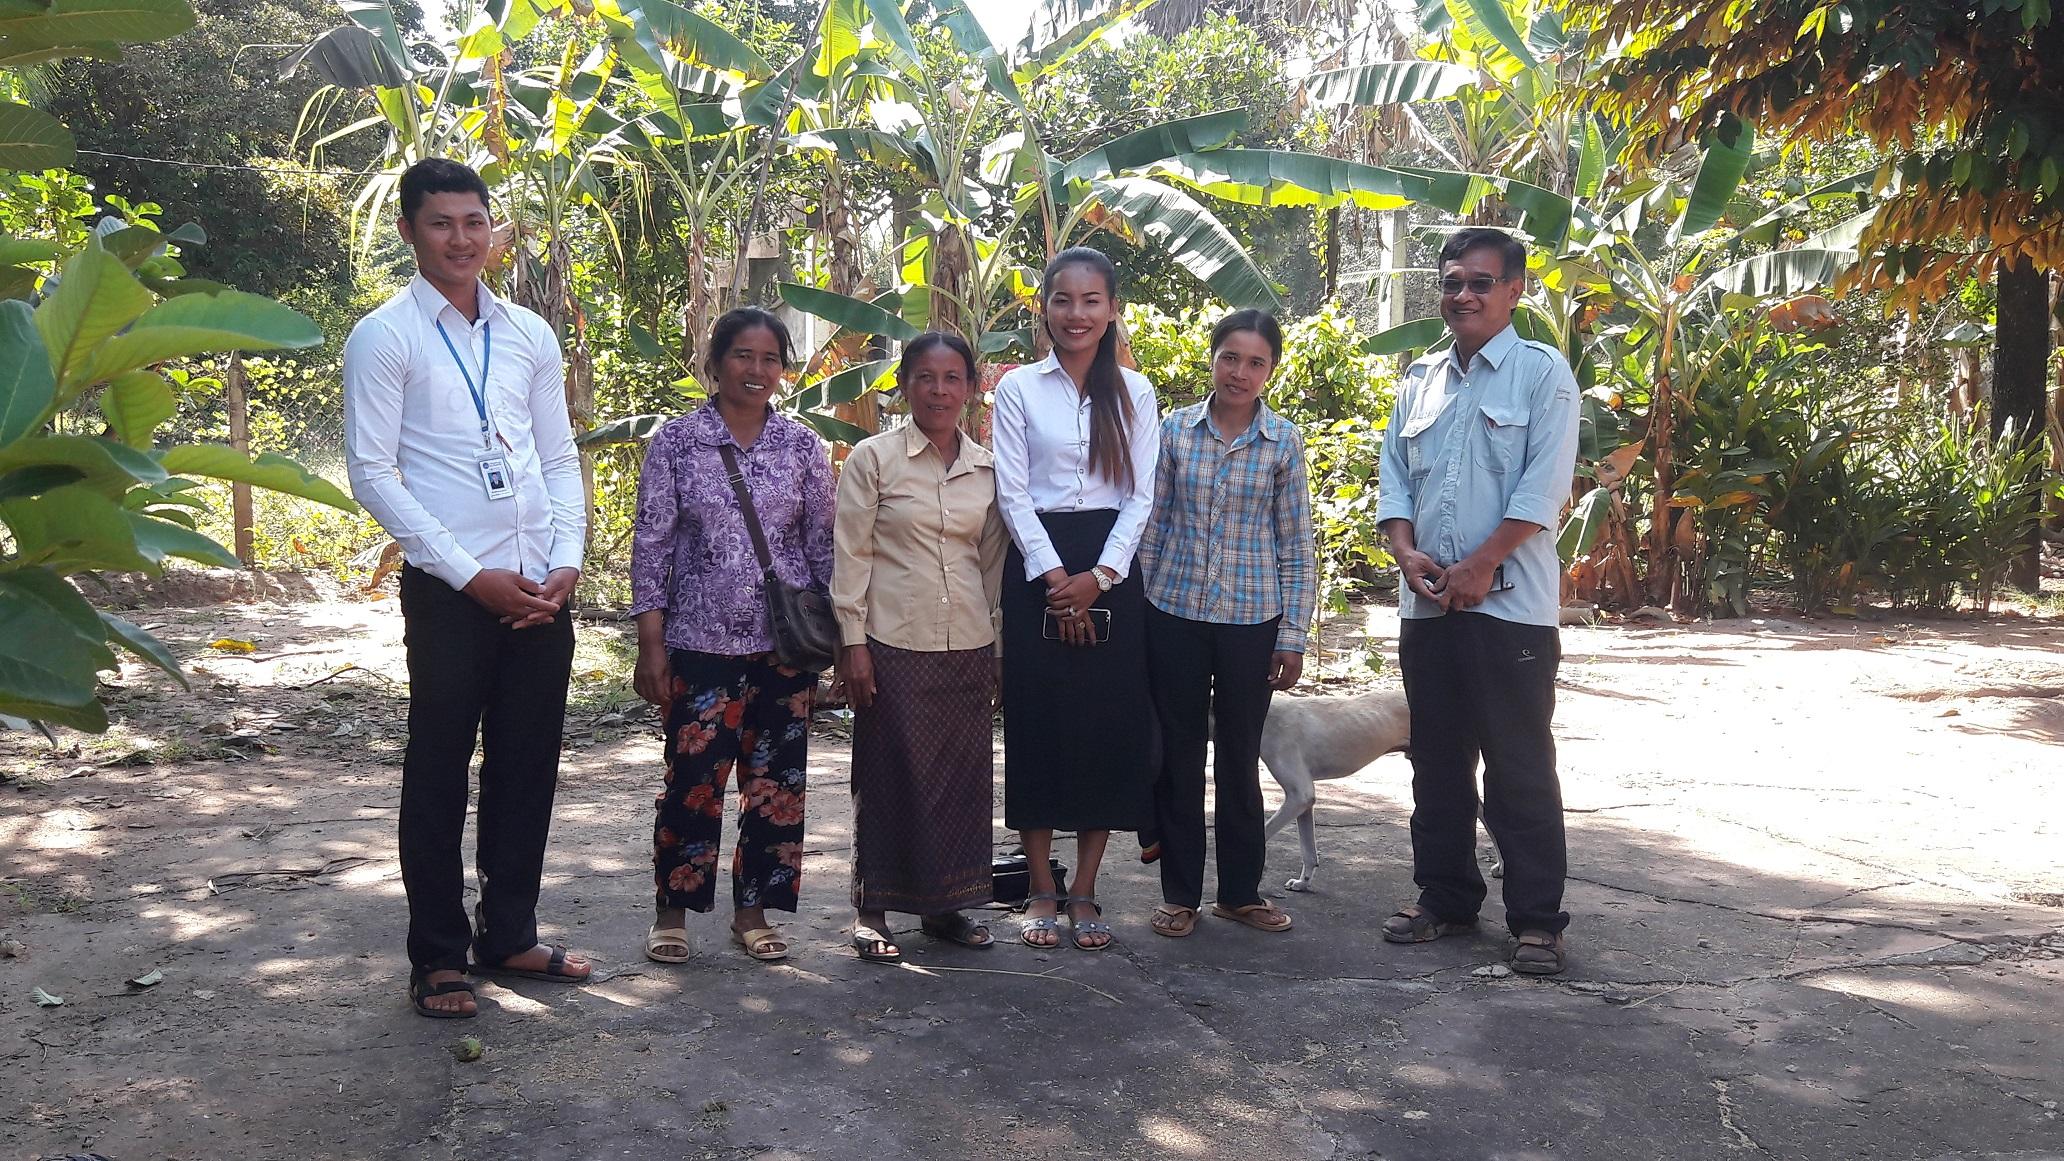 រូបថត៖ ក្រុមការងារអង្គការ ពិនិត្យទីតាំងភូមិពាំងល្វា  Photo: CCAFO Team visit Peang Lvea Village